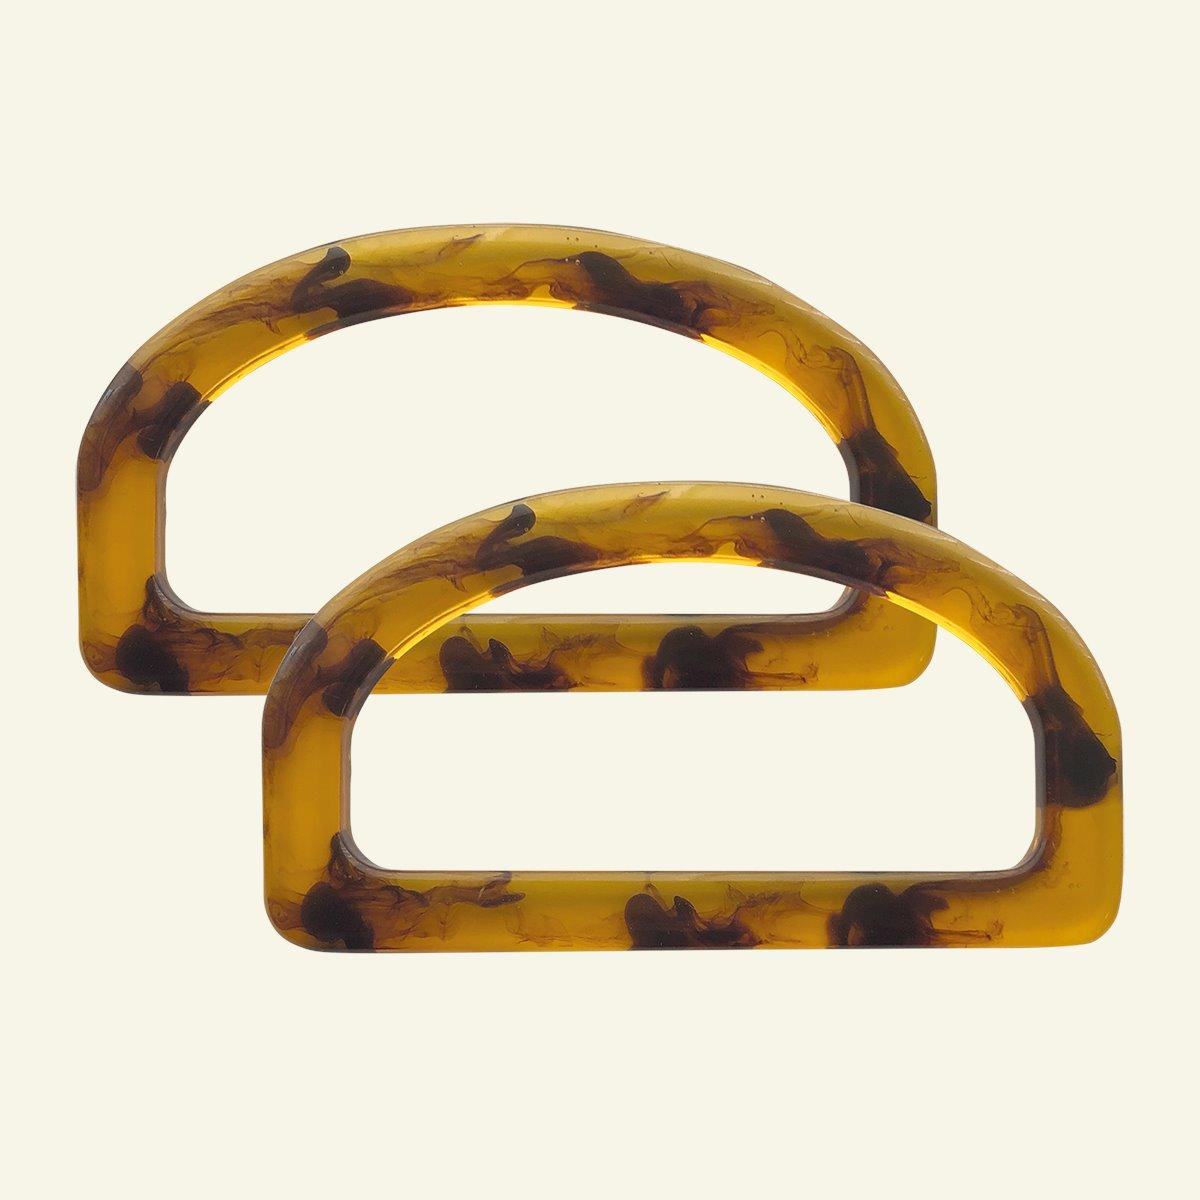 Bag handle resin 14x7,5cm 2pcs 46315_pack